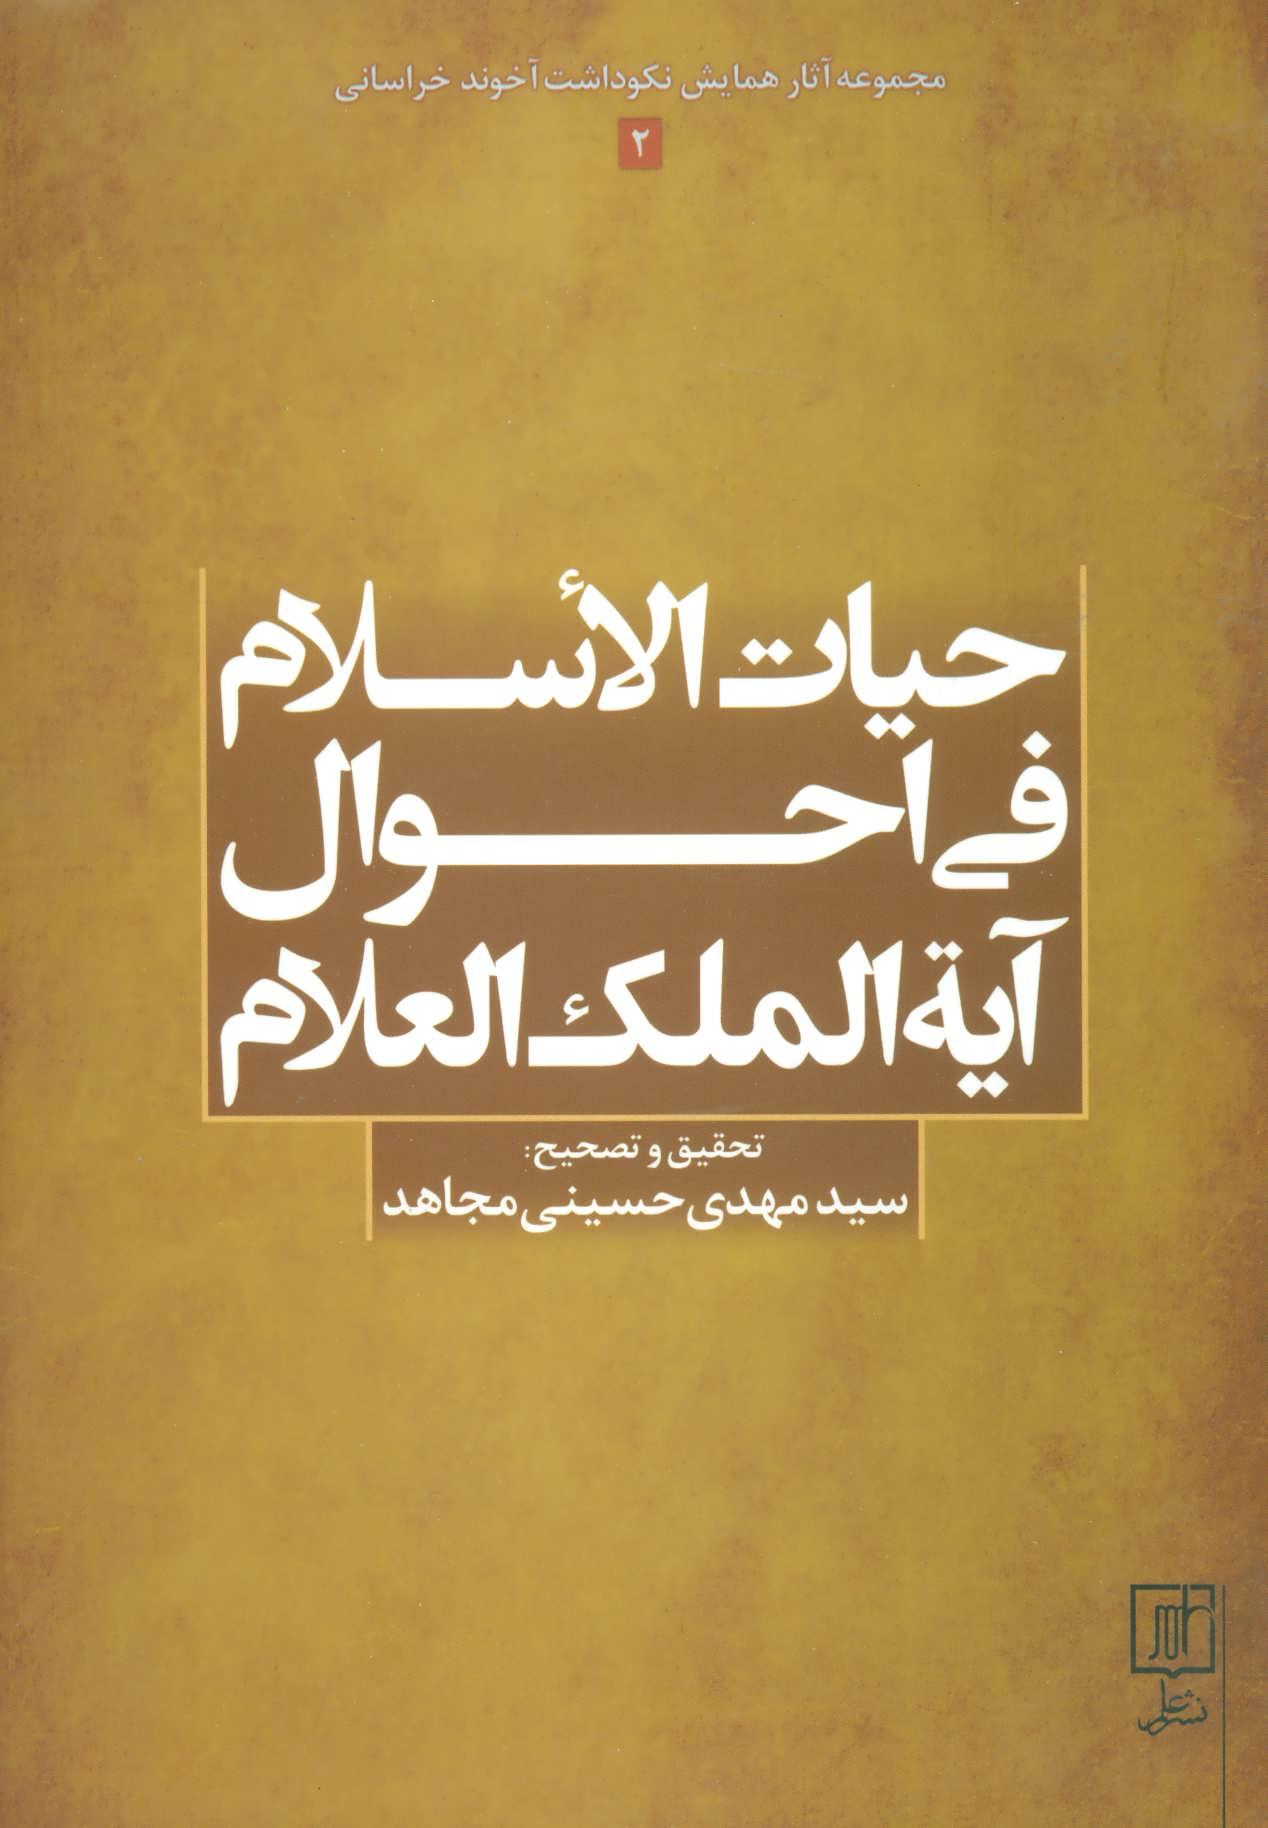 حیات الاسلام فی احوال آیه الملک العلام (مجموعه آثار همایش نکوداشت آخوند خراسانی 2)